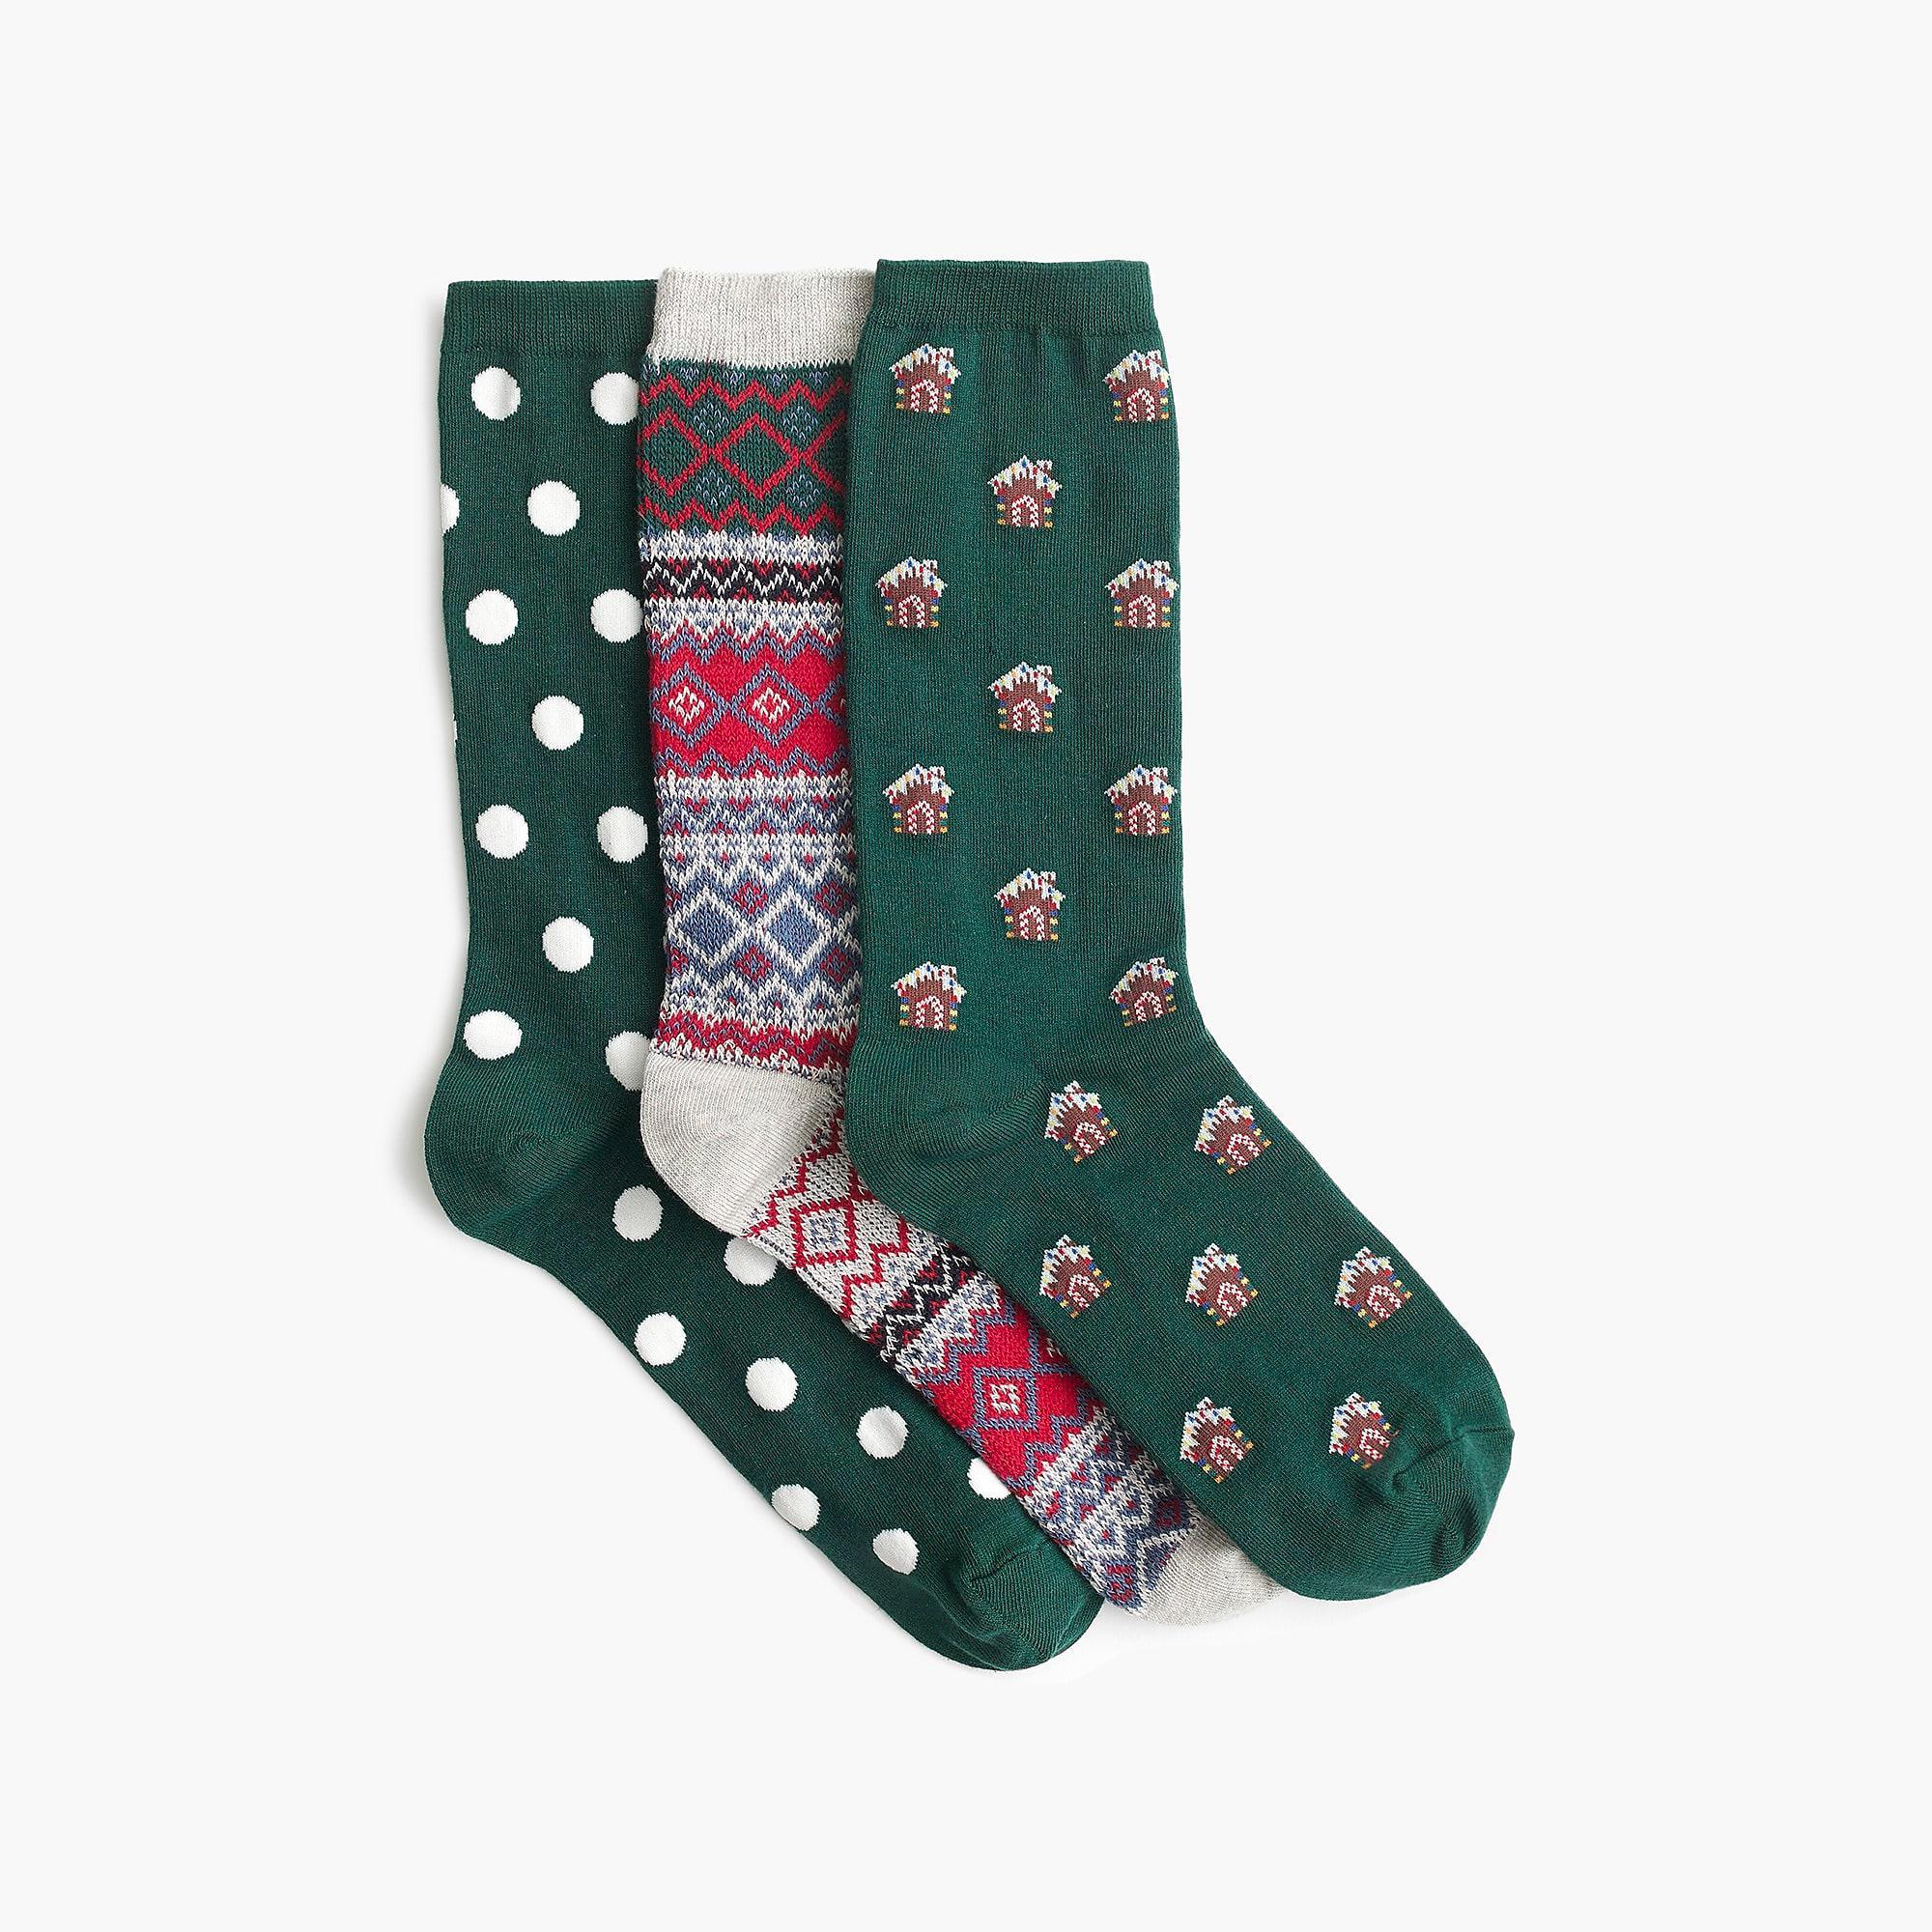 b1e14f4f7c86c J.Crew Trouser Socks Three-pack In Gingerbread in Green - Lyst